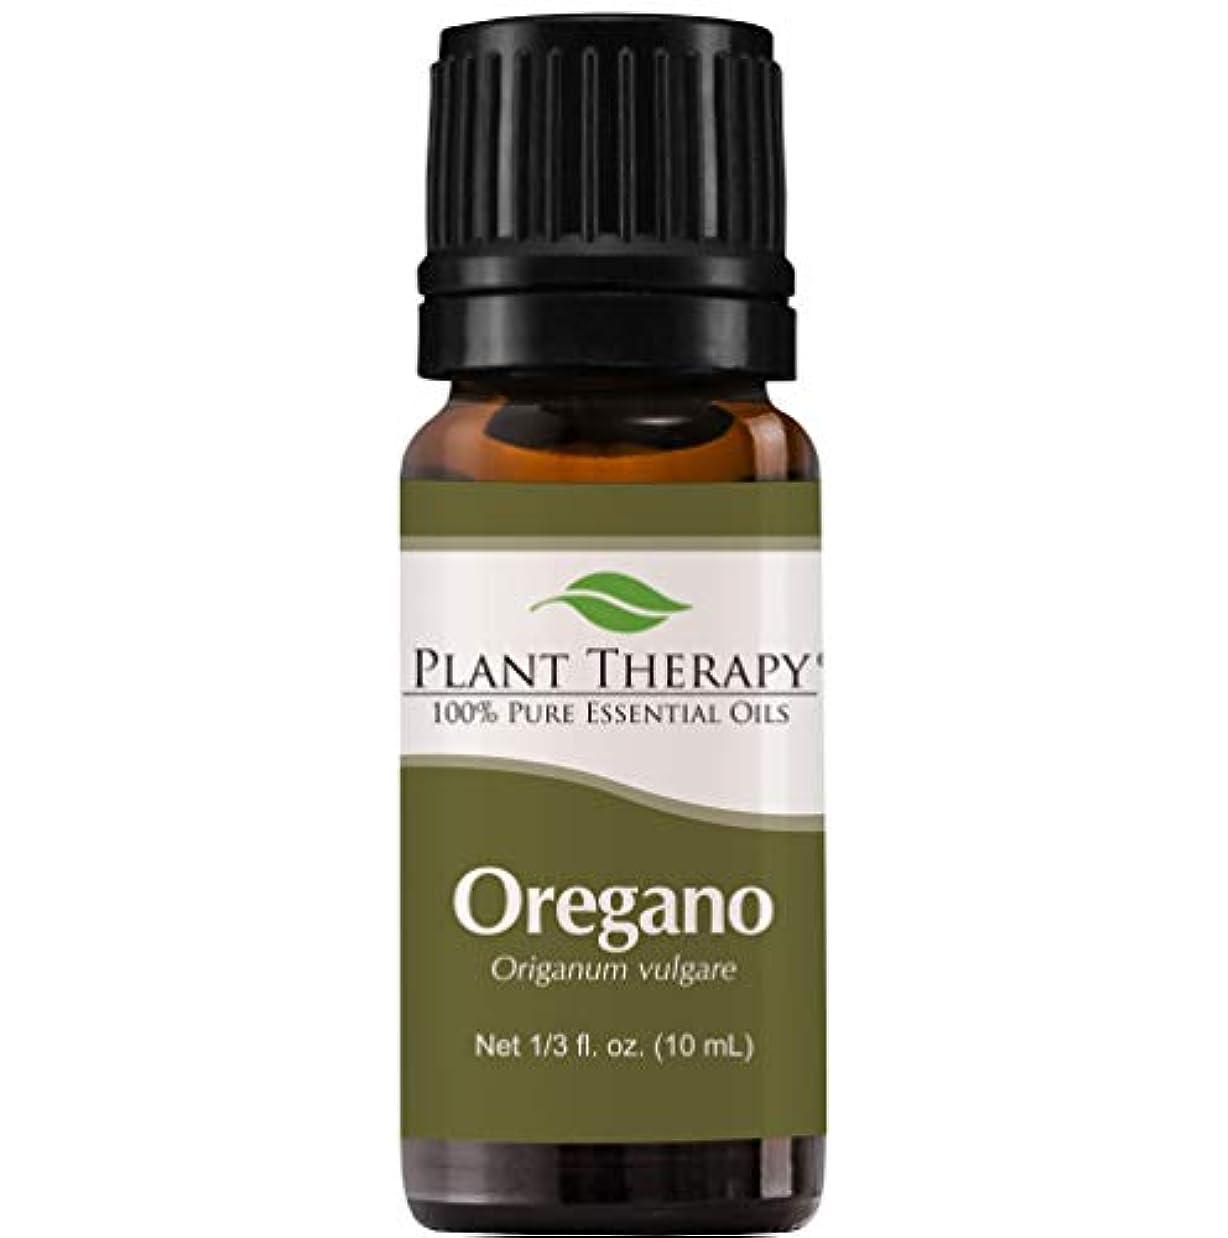 惑星手シェルターPlant Therapy Essential Oils (プラントセラピー エッセンシャルオイル) オレガノ (オリガヌム) エッセンシャルオイル